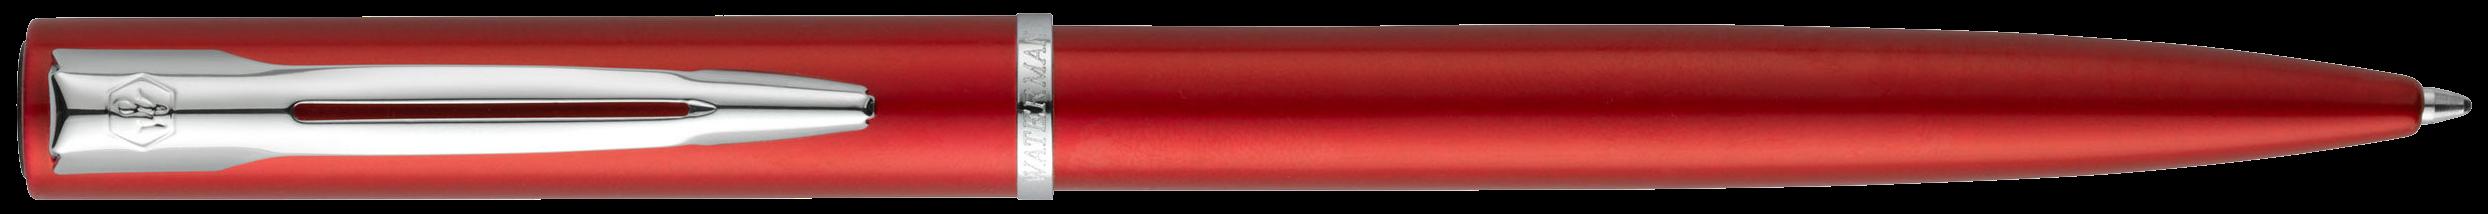 2068193 Waterman Graduate Шариковая ручка   ALLURE, цвет: красный